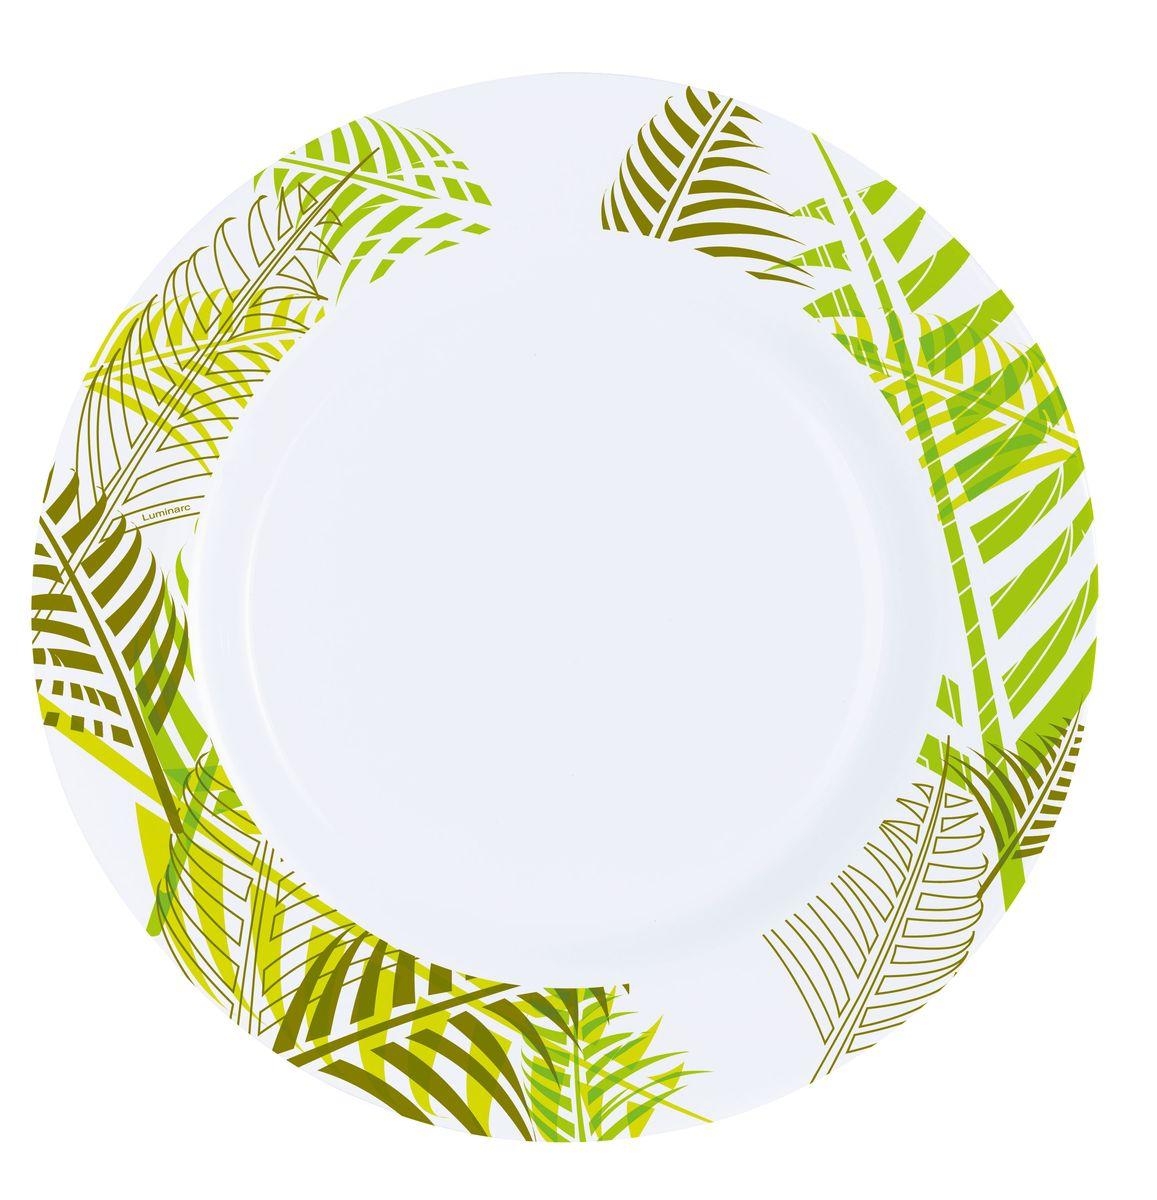 Тарелка обеденная Luminarc Green Forest, диаметр 26,5 смH3664Обеденная тарелка Luminarc Green Forest, изготовленная из ударопрочного стекла, декорирована оригинальным орнаментом в виде листьев. Такая тарелка прекрасно подходит как для торжественных случаев, так и для повседневного использования. Идеальна для подачи вторых блюд. Она прекрасно оформит стол и станет отличным дополнением к вашей коллекции кухонной посуды. Можно использовать в СВЧ и мыть в посудомоечной машине.